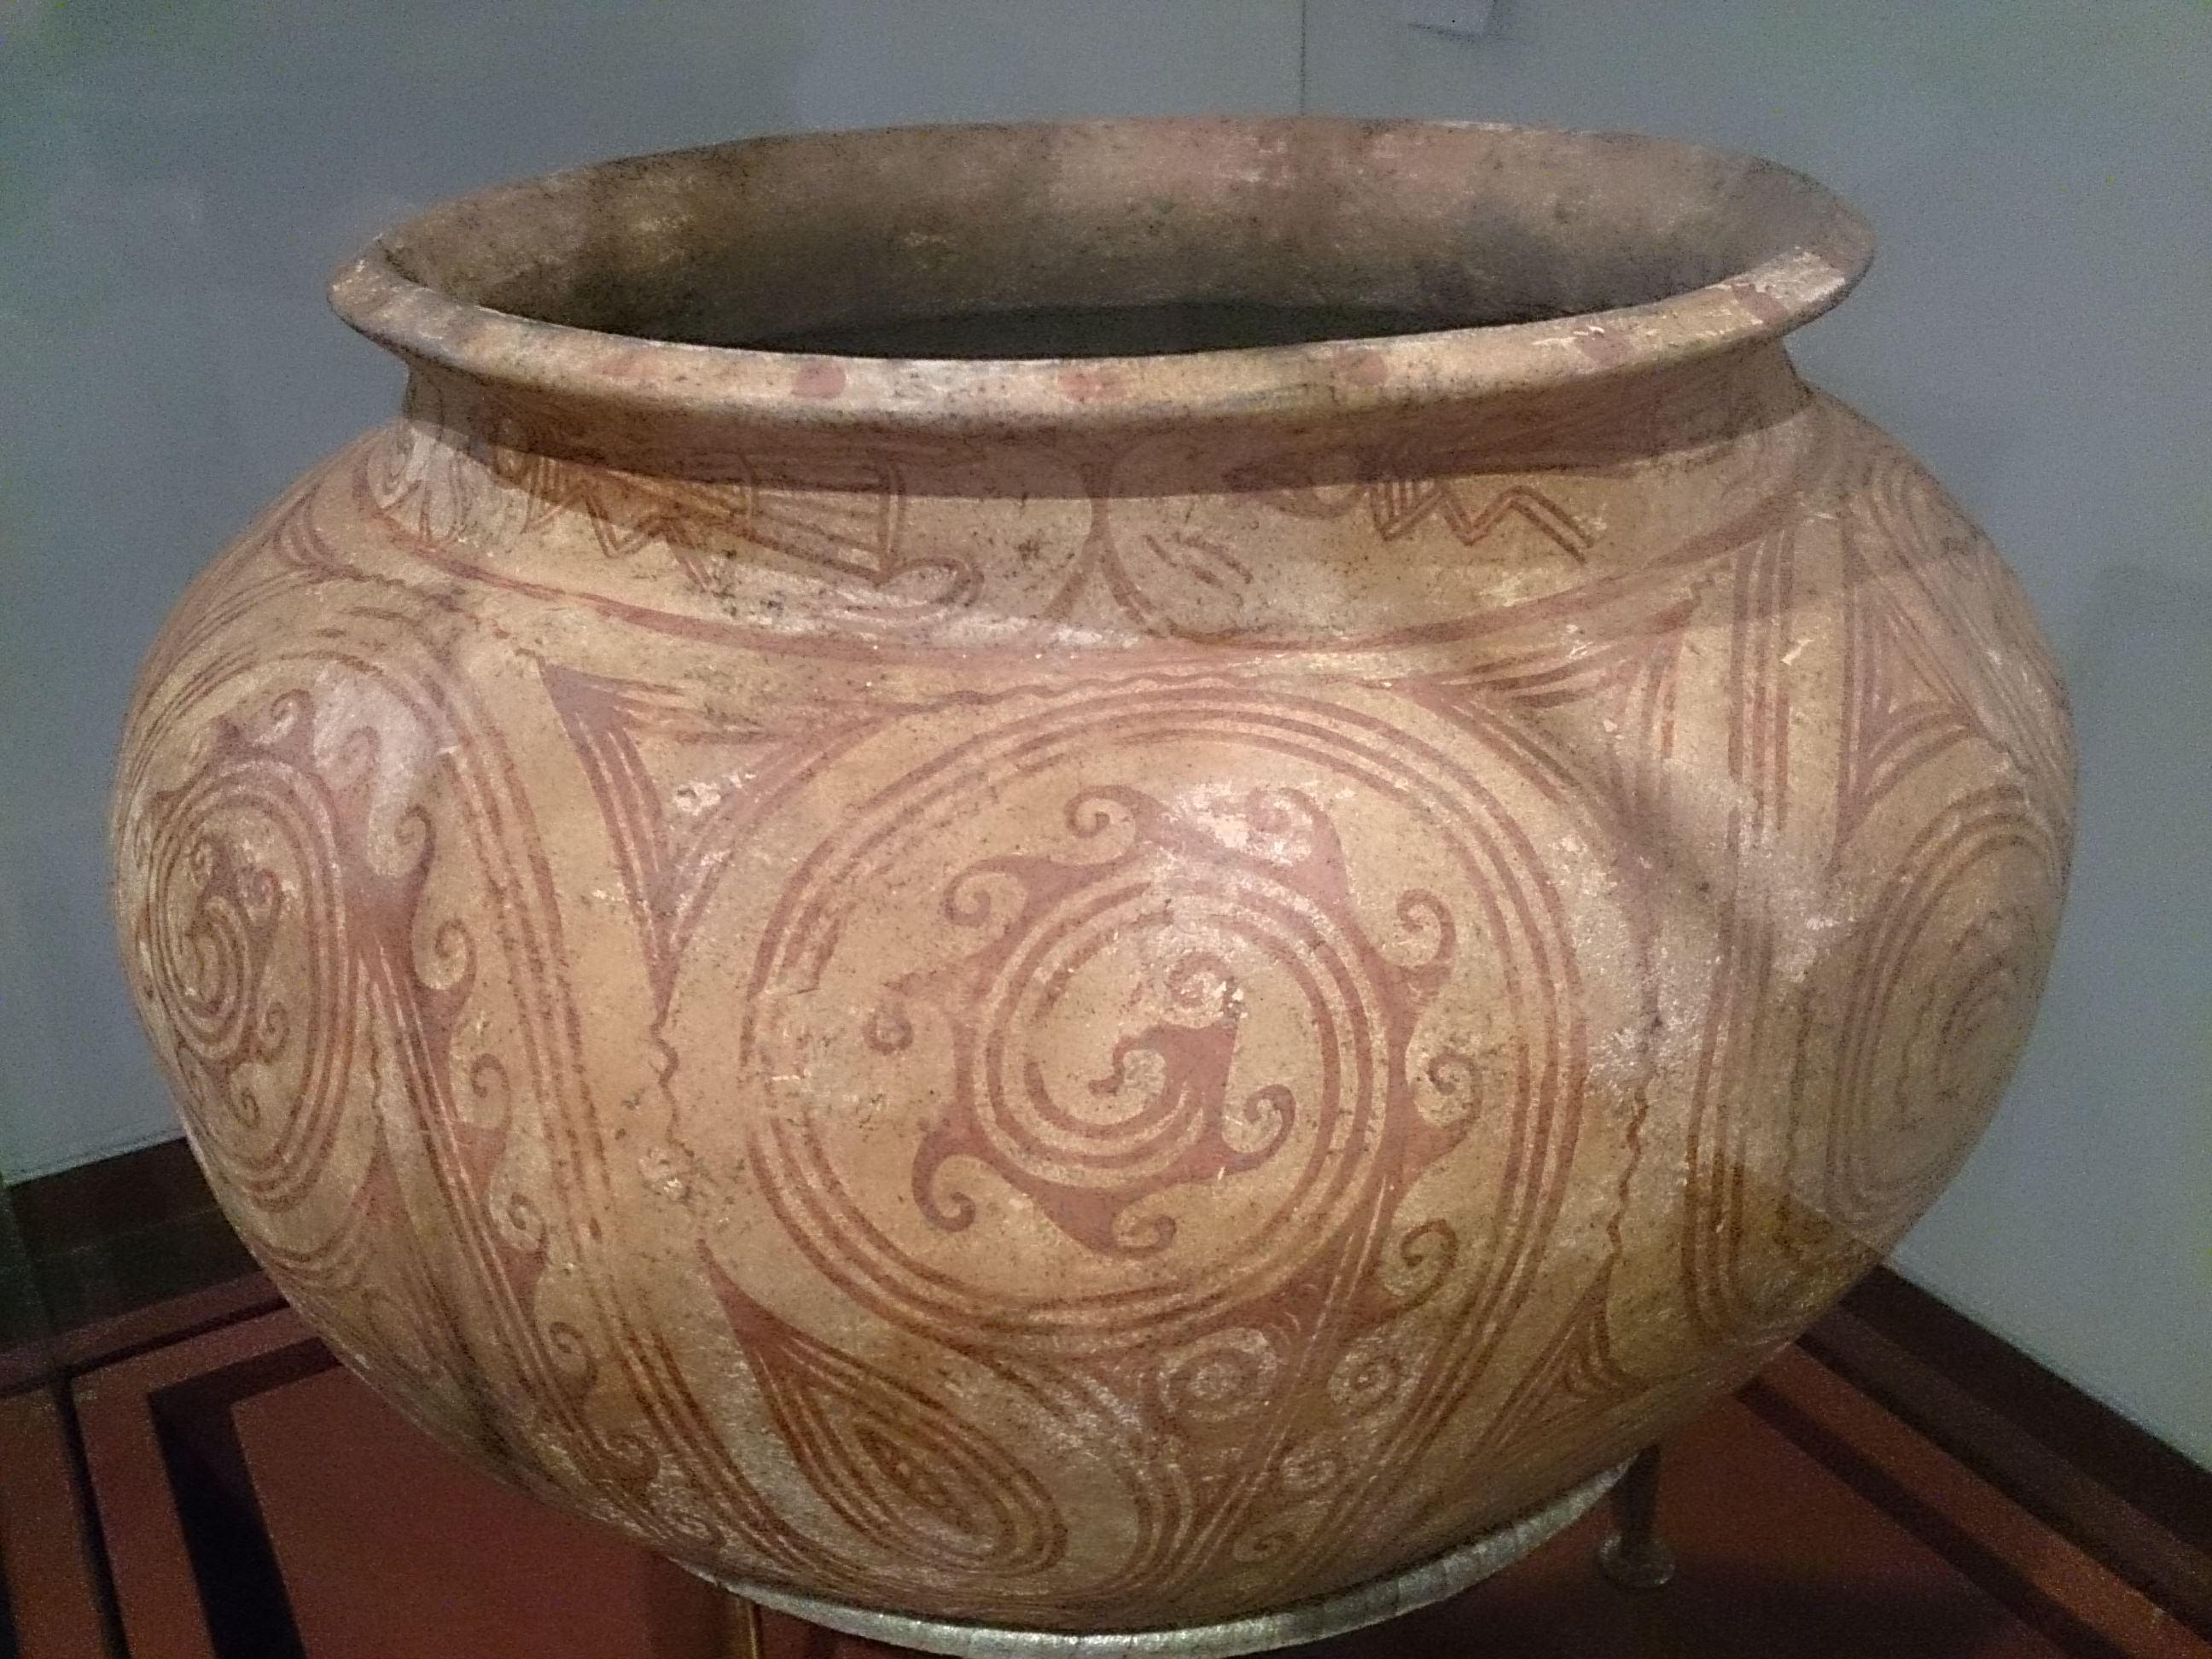 地味系世界遺産・バーンチエン遺跡(Ban Chiang Archaeological Site)